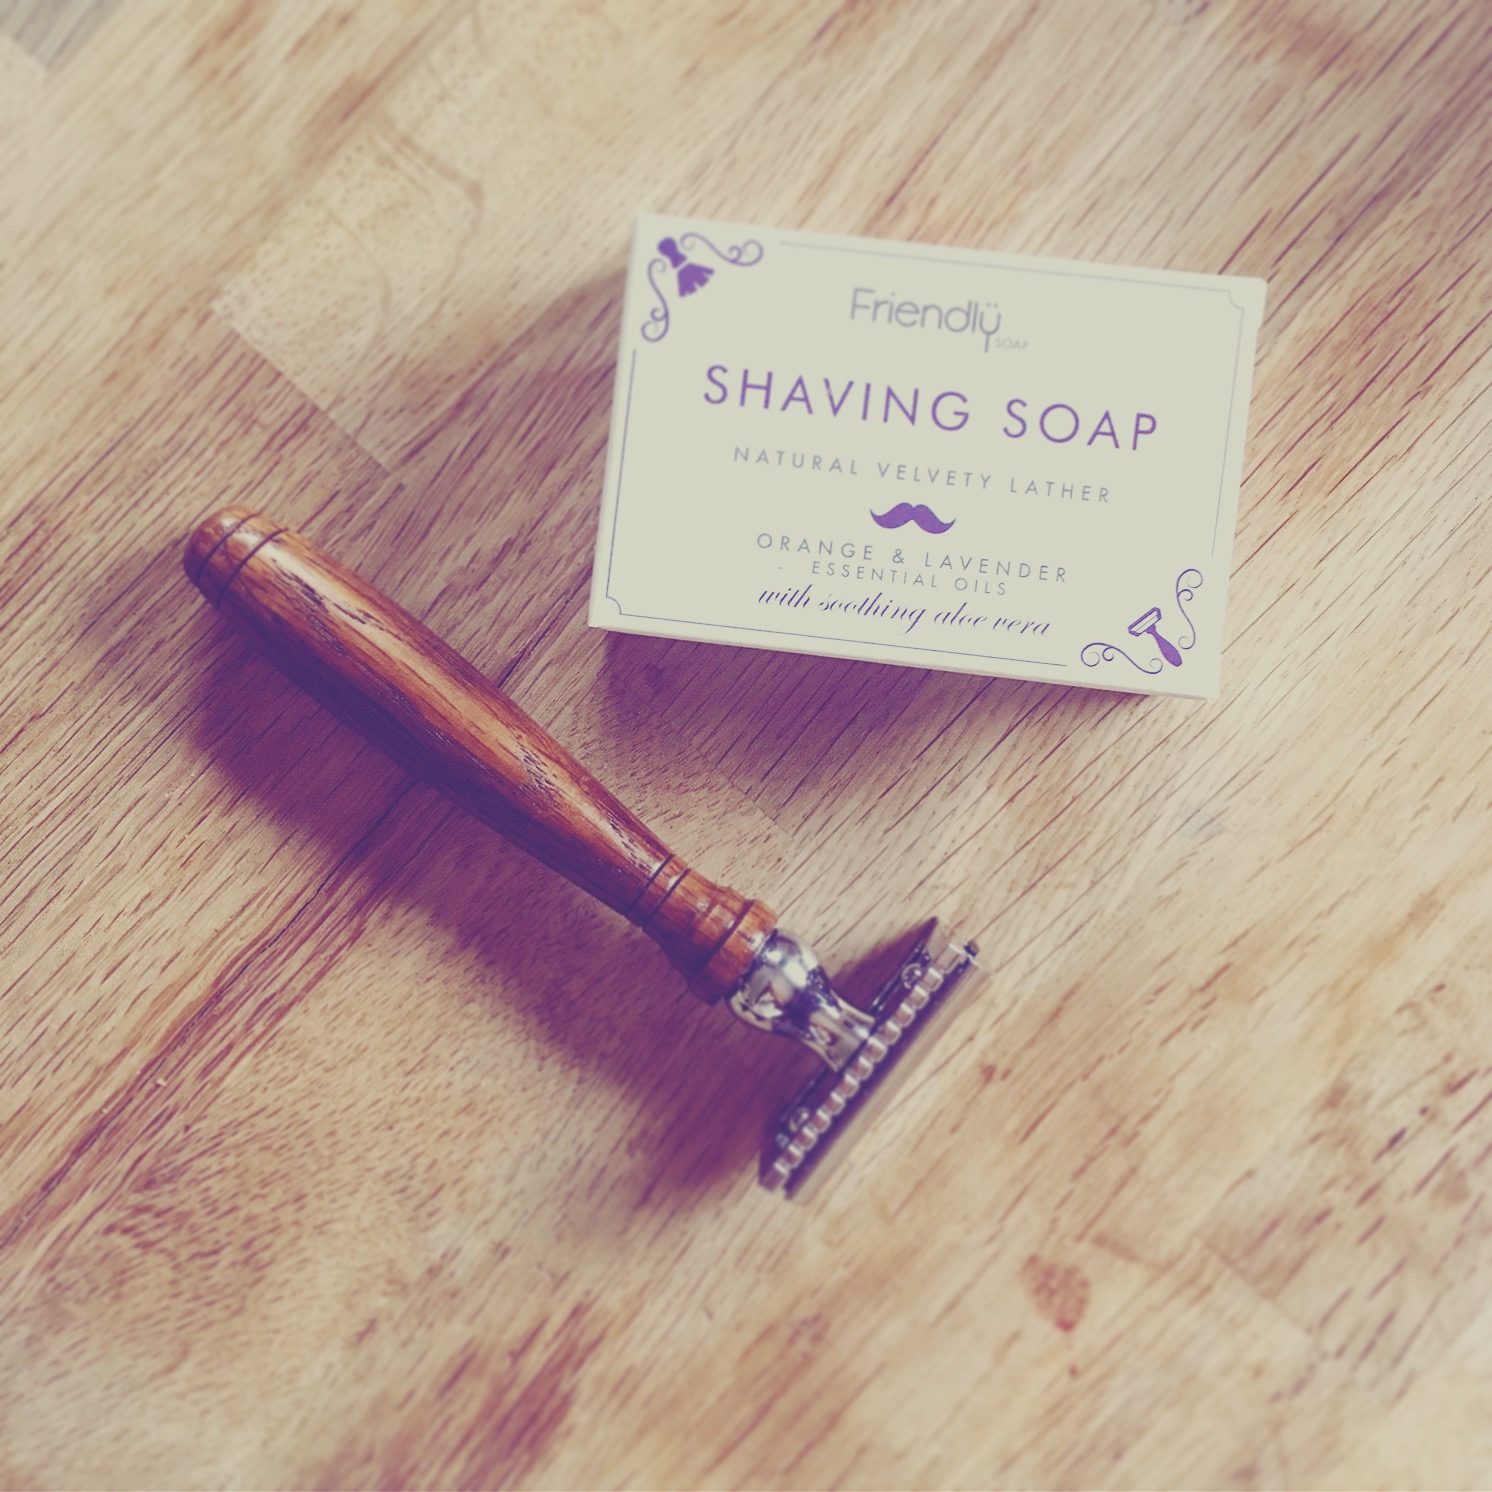 """Min nye gode gammeldagse """"sikkerhetsbarberhøvel"""" får selskap av et barbersåpestykke, fordi barberskum på boks er kommende avfall fylt med hormonforandrende stoffer!"""